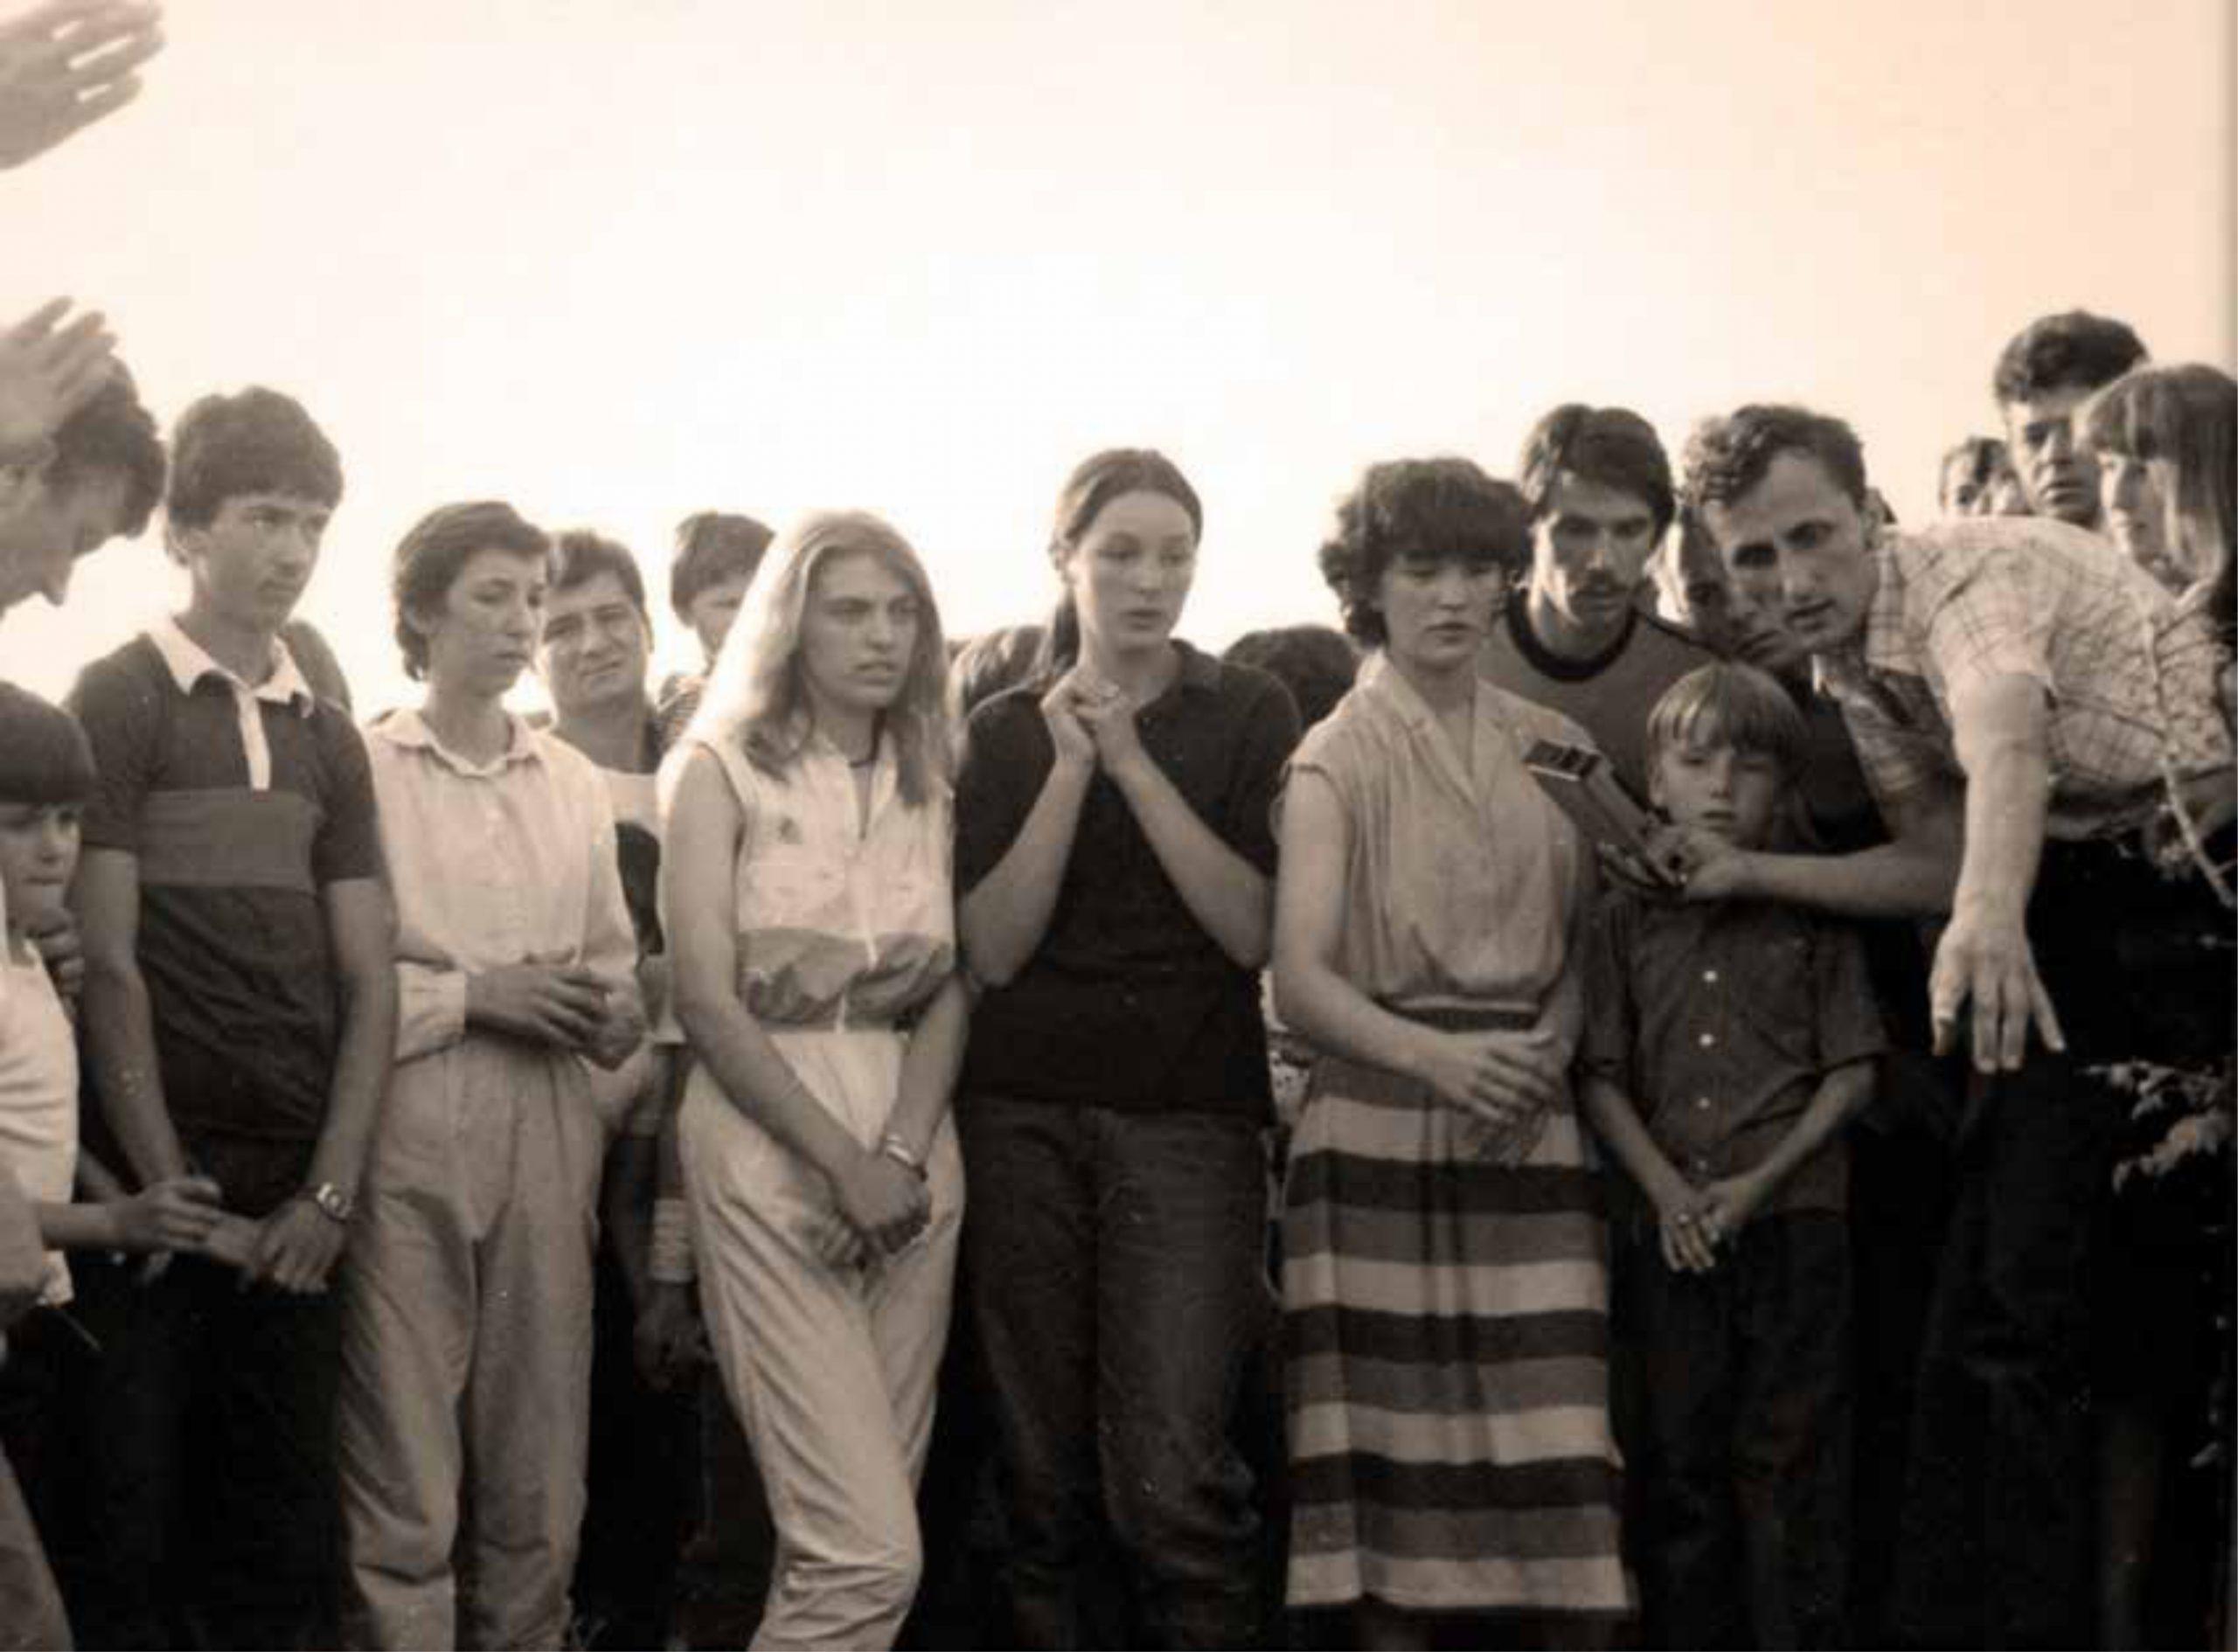 Rozhovor s vizionárkou Marijou Lunettiovou pred 40. výročím zjavení Panny Márie